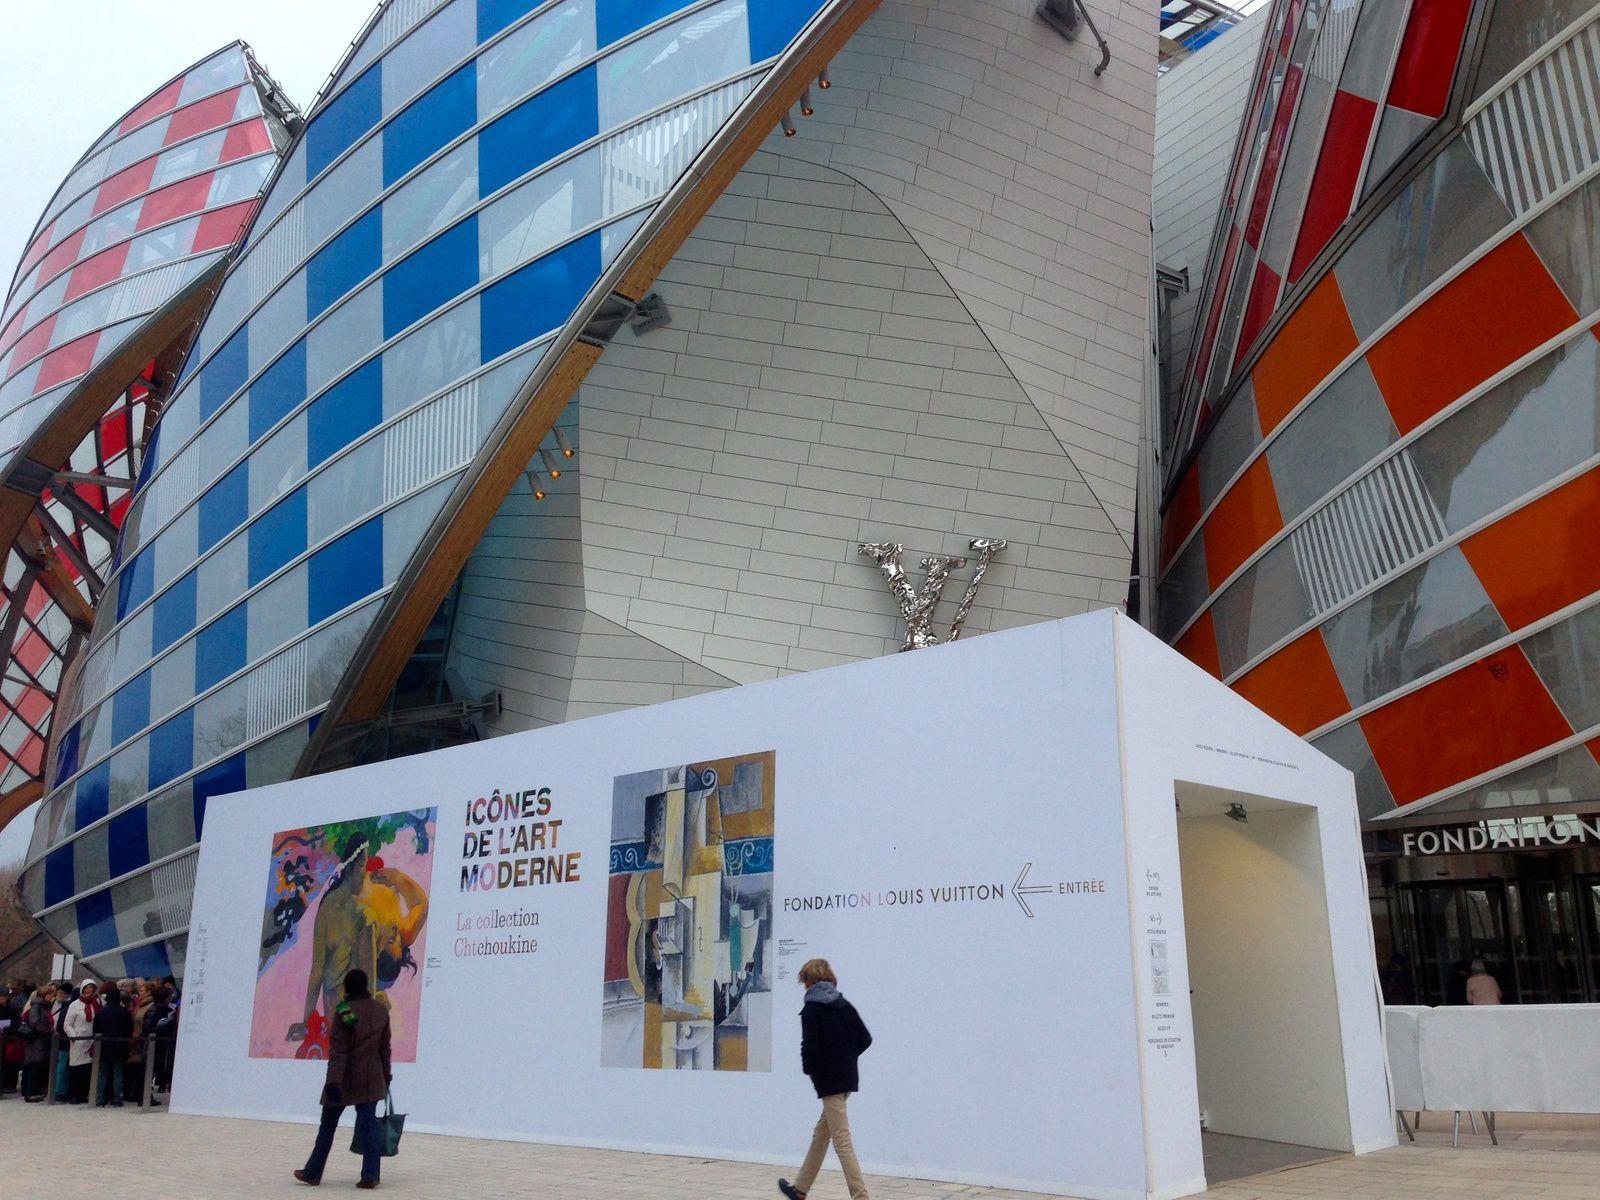 Jardin d'Acclimatation et Fondation Louis Vuitton - Paris